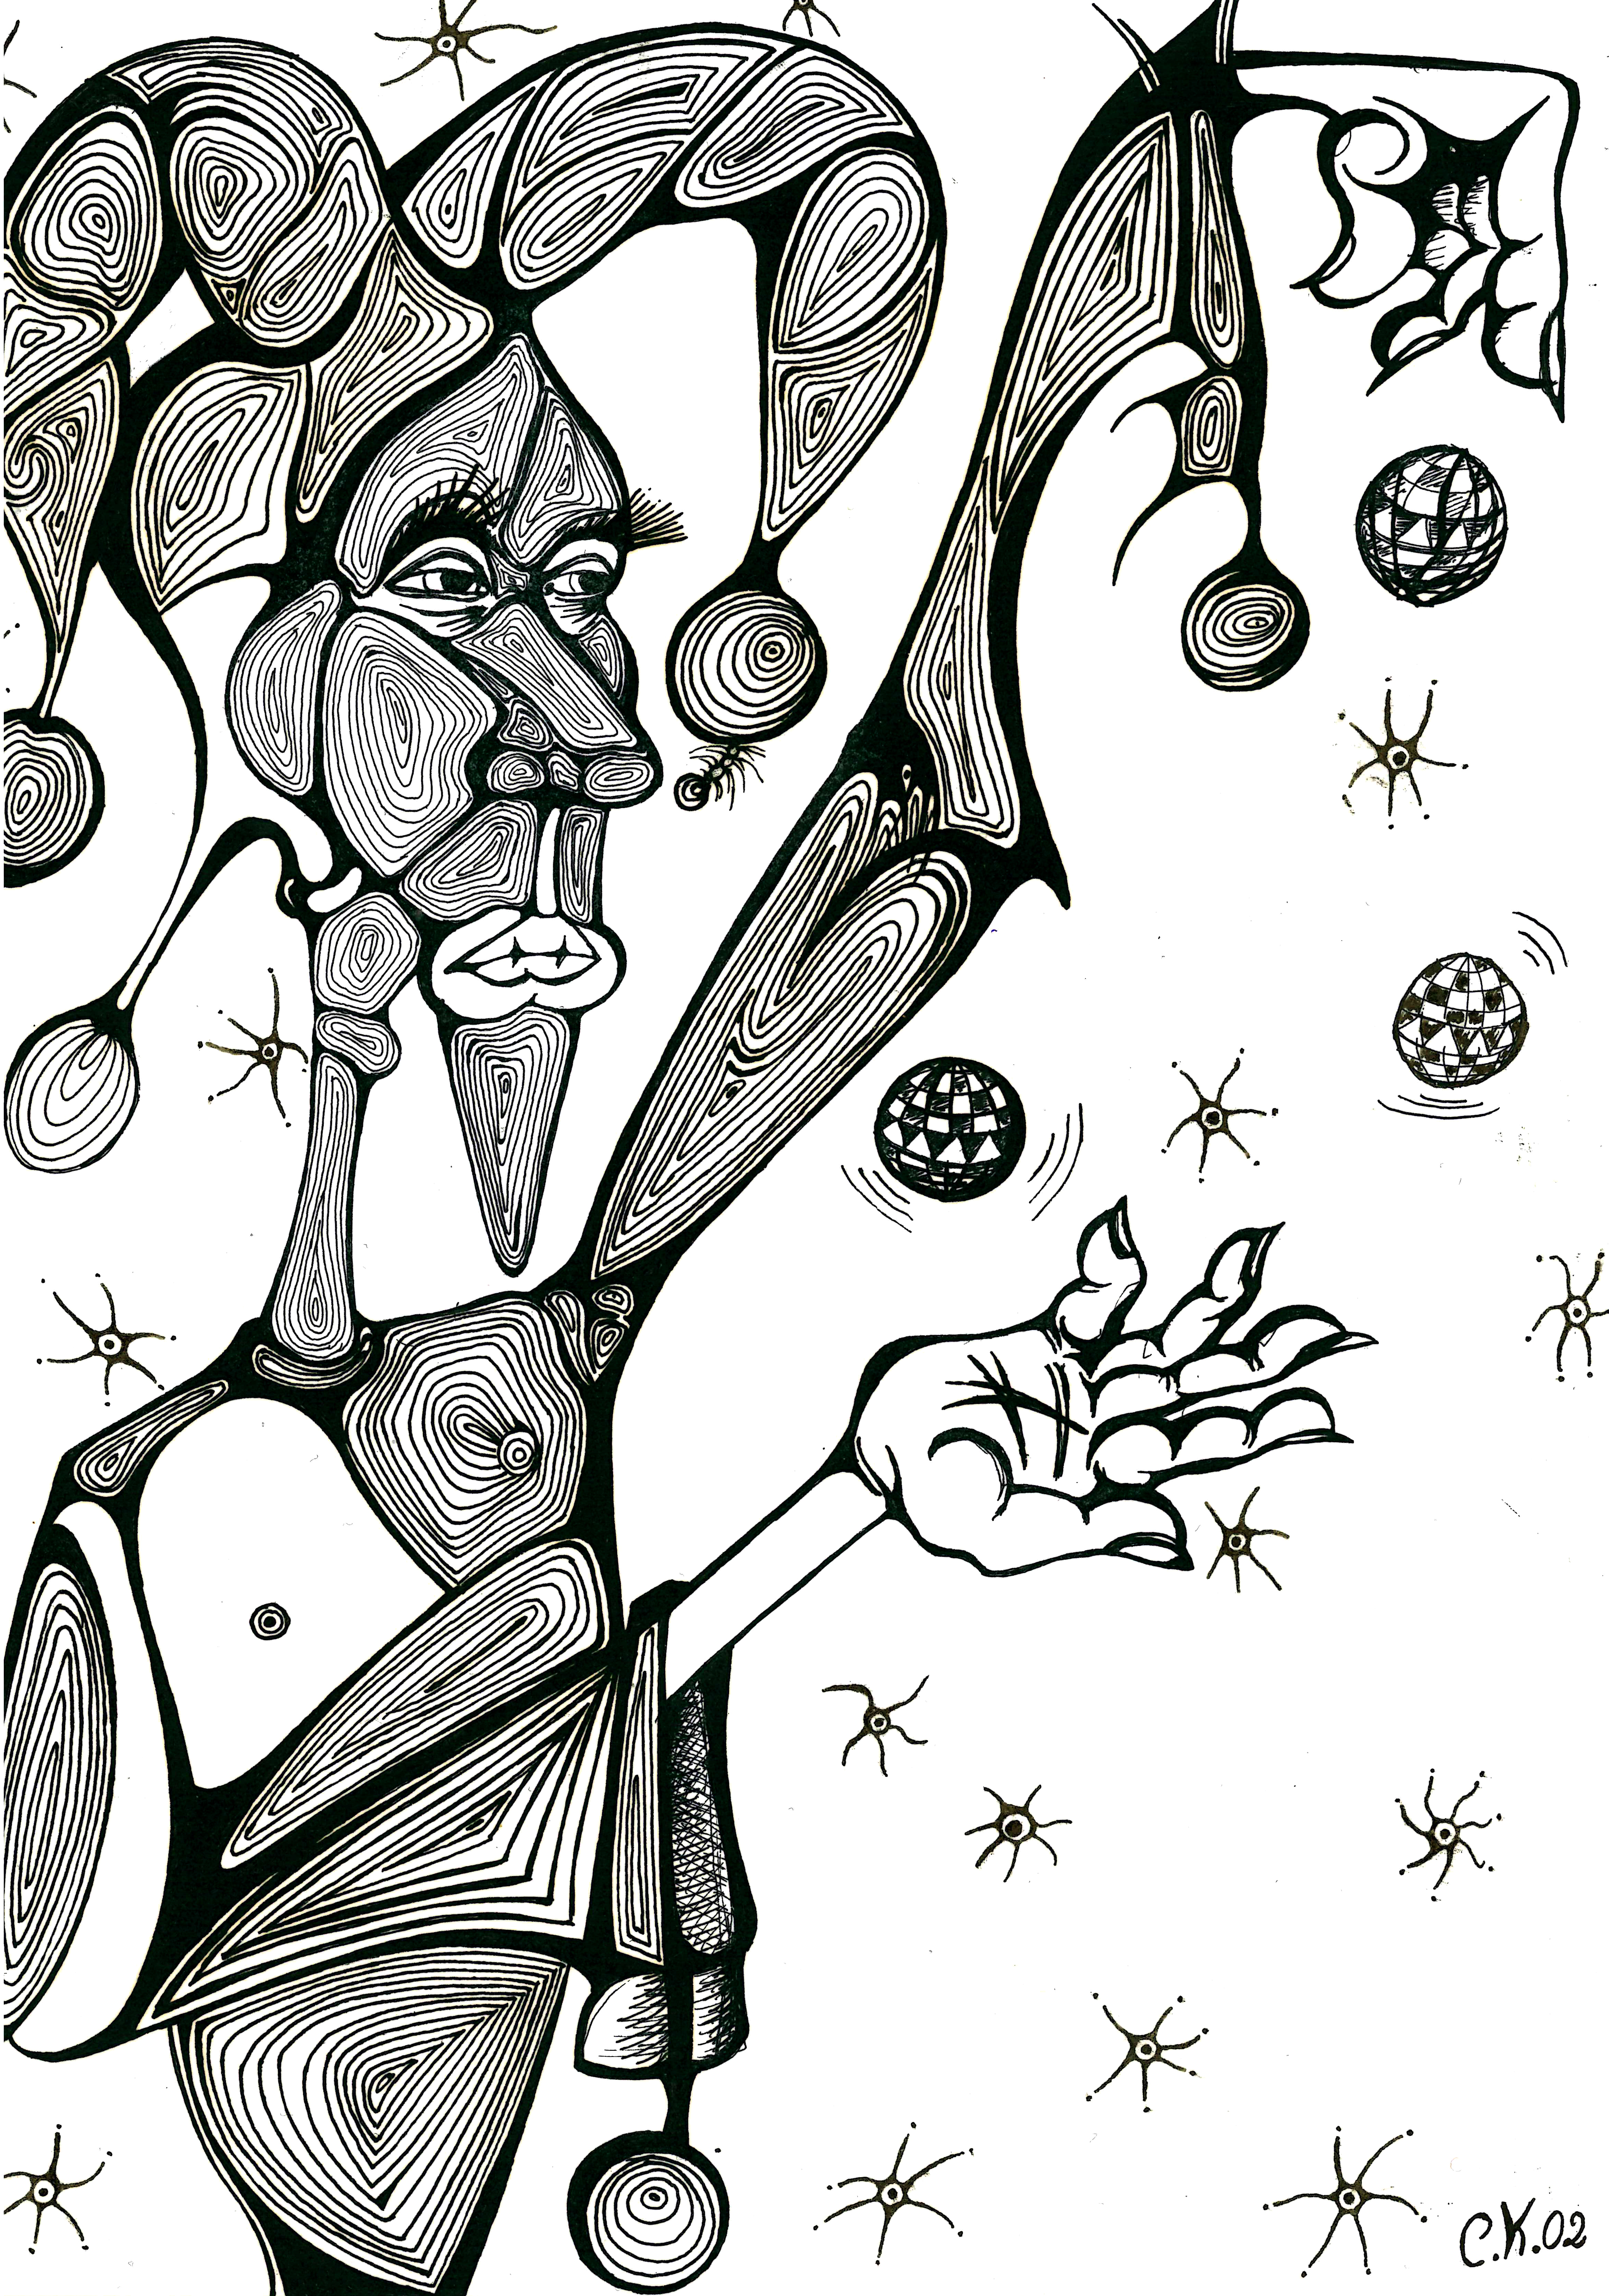 L-scan CK - jongleur - 2002 - retouch